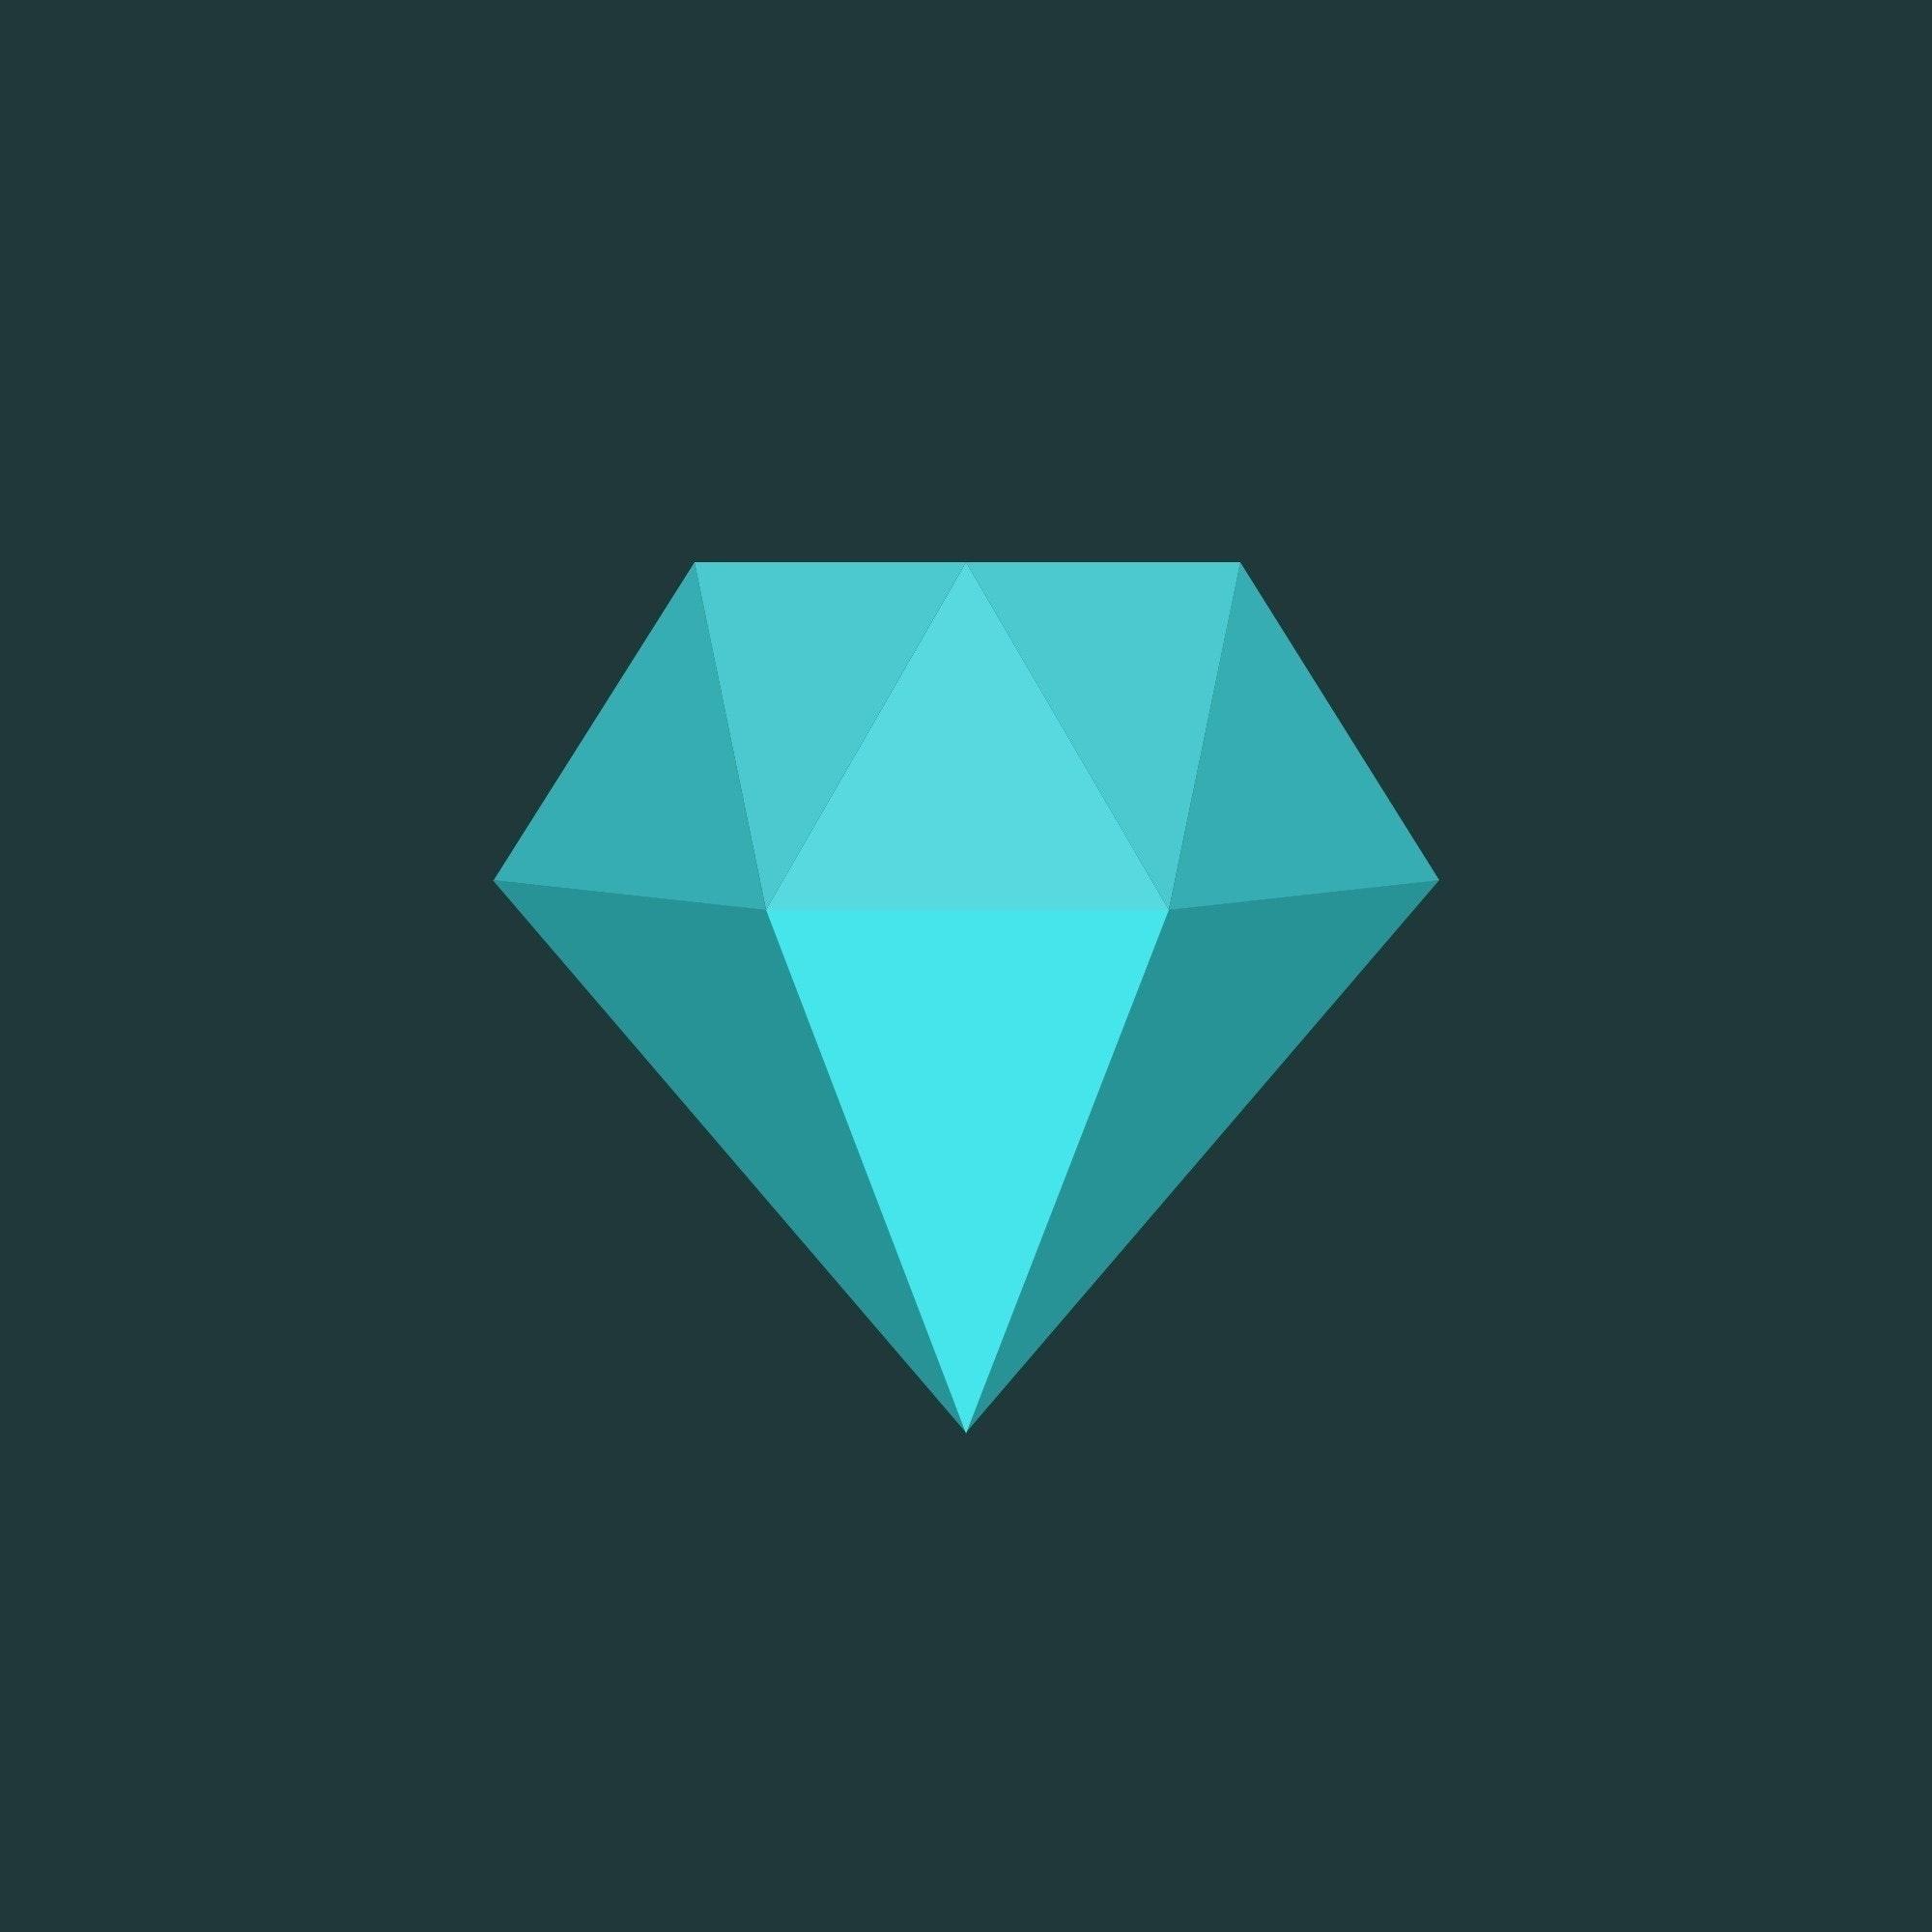 Crystal Team